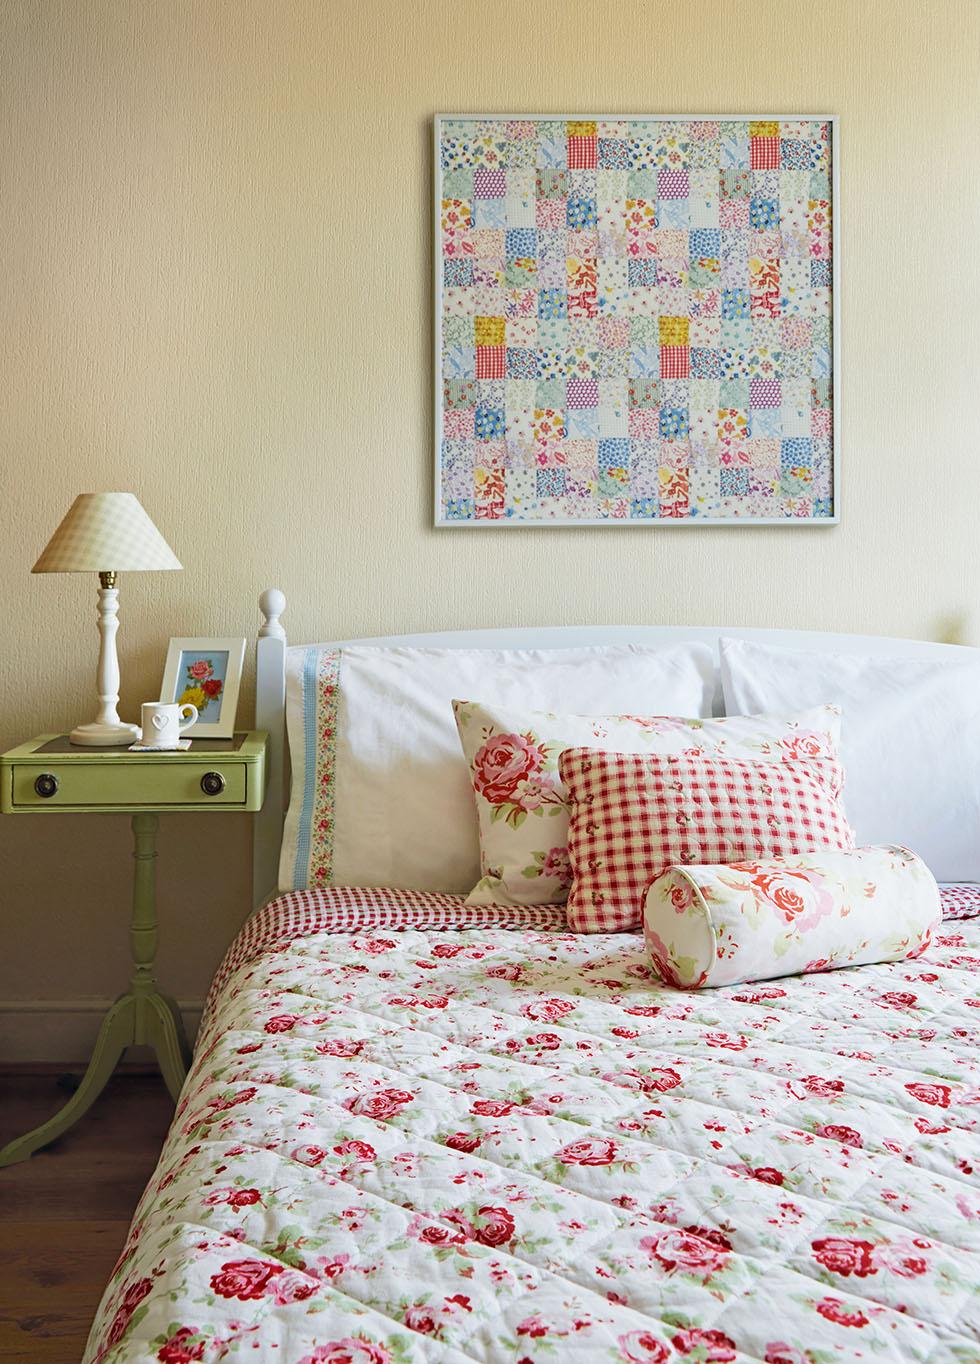 prescott-davies-pink-bedroom